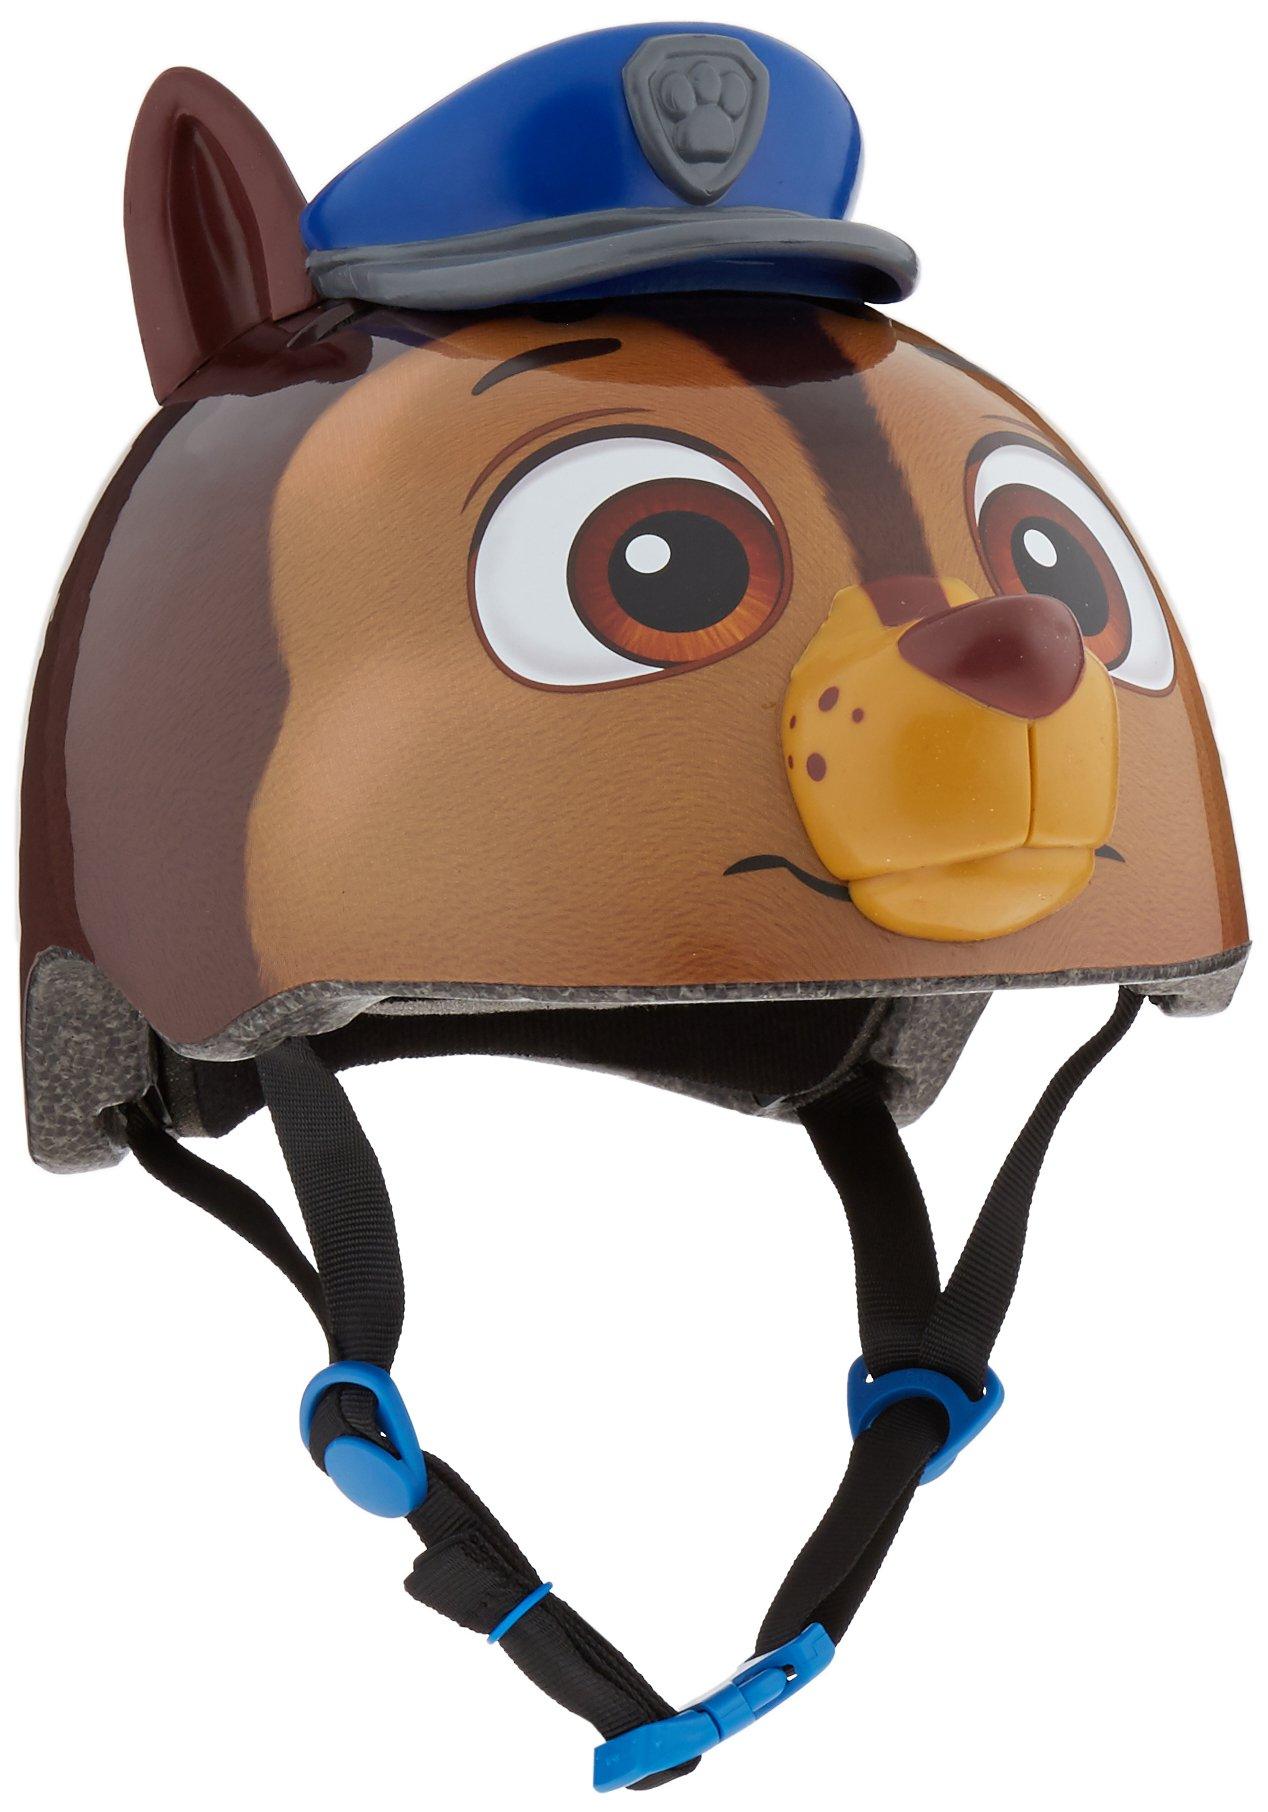 Paw Patrol Bike Helmet